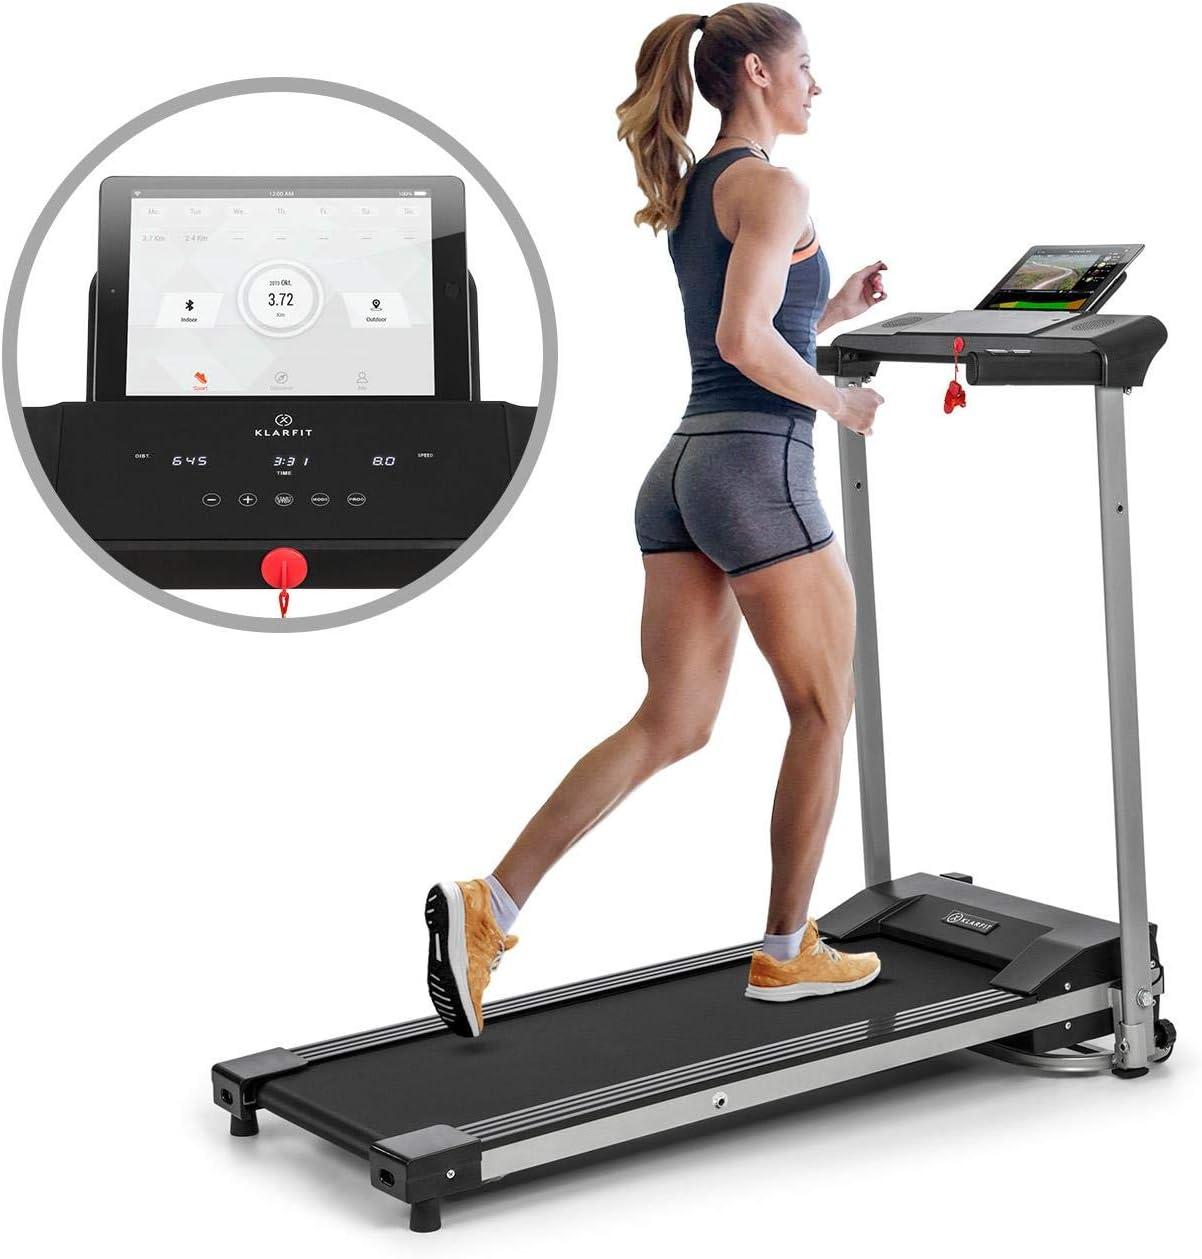 3 programas de entrenamiento Sistema AudioConnect Velocidad regulable de 10 km//h 1,1 PS de potencia Negro Klarfit/Treado Active/Cinta de correr plegable Entrenamiento cardio Altavoces